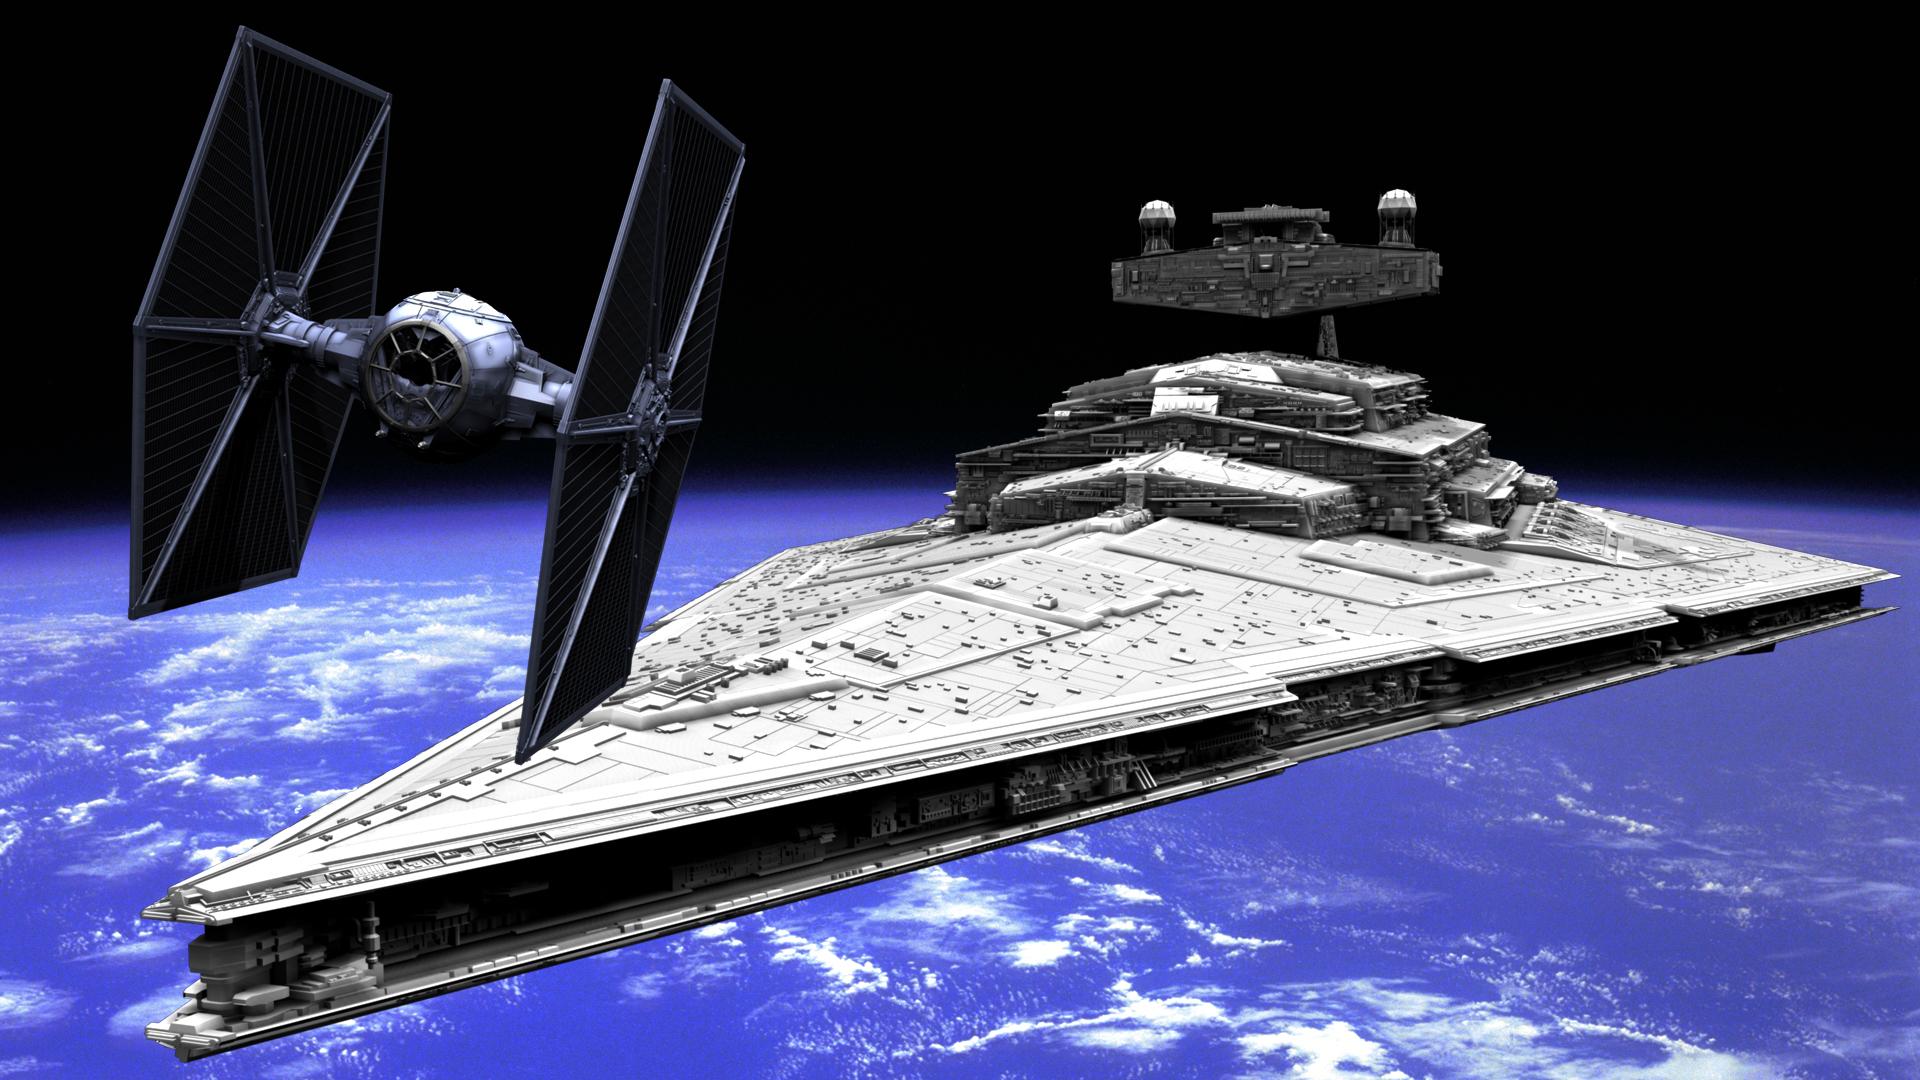 Sci-Fi 3Dのデータで作成